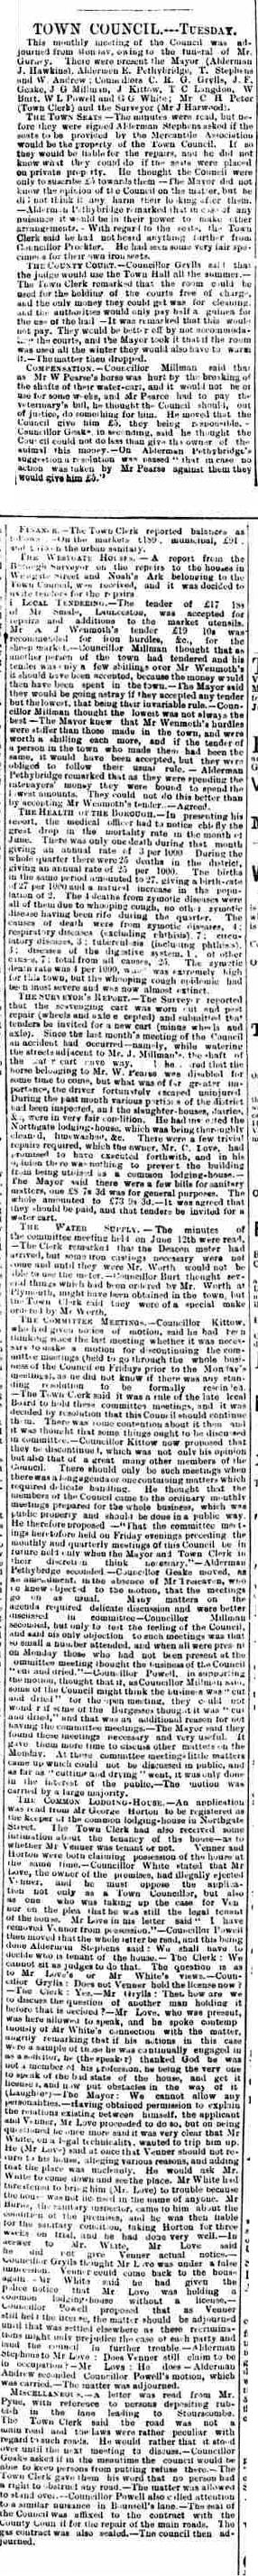 17 July 1891